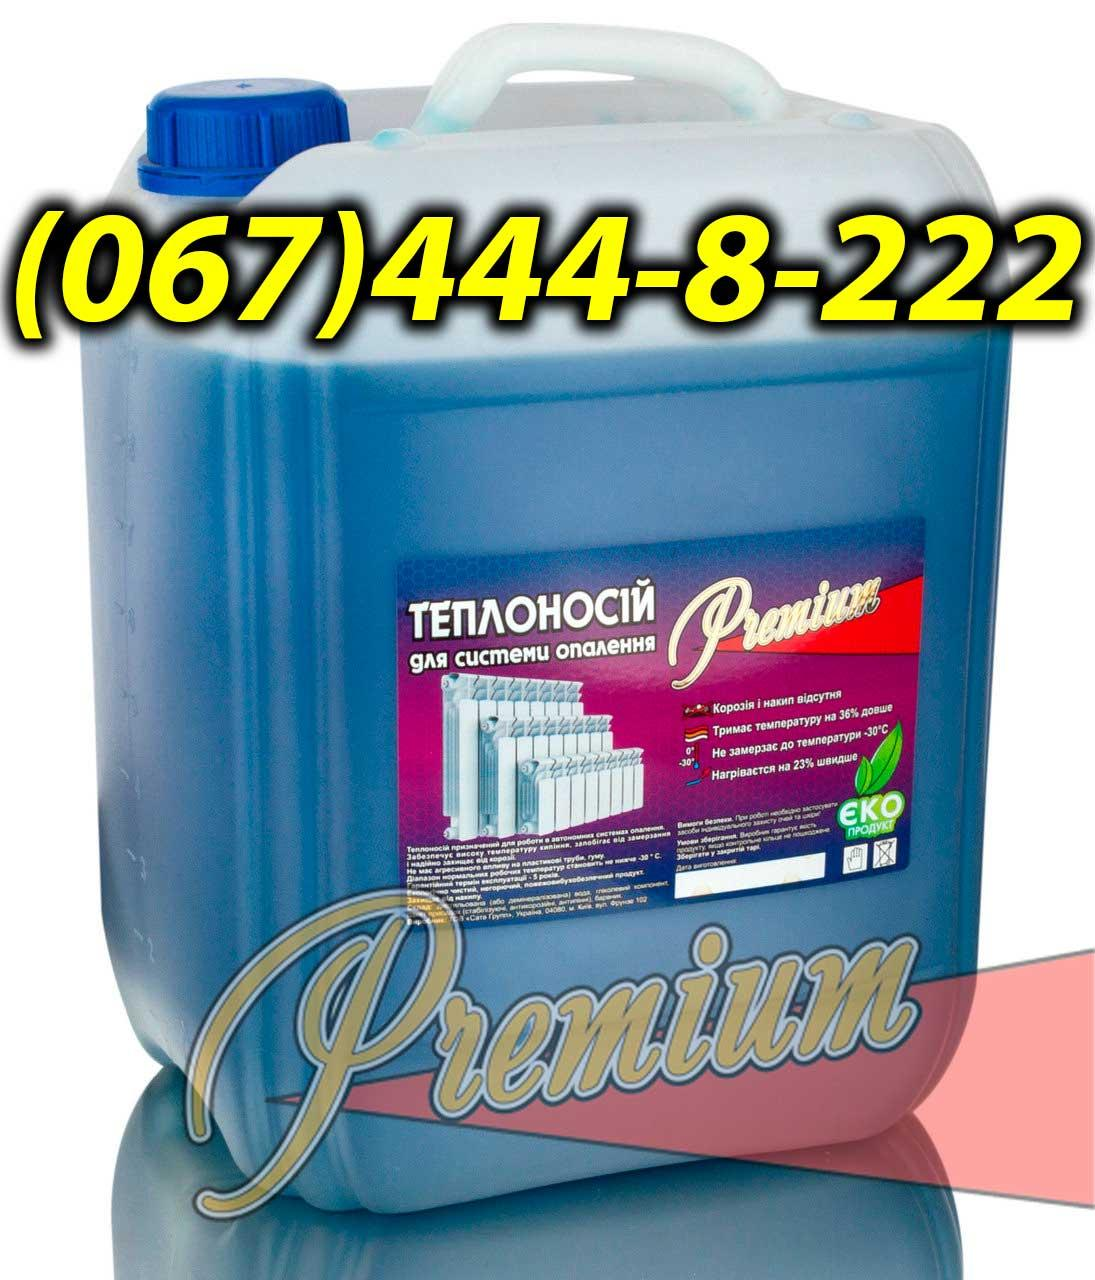 Теплоноситель для систем отопления (глицерин) TM Premium